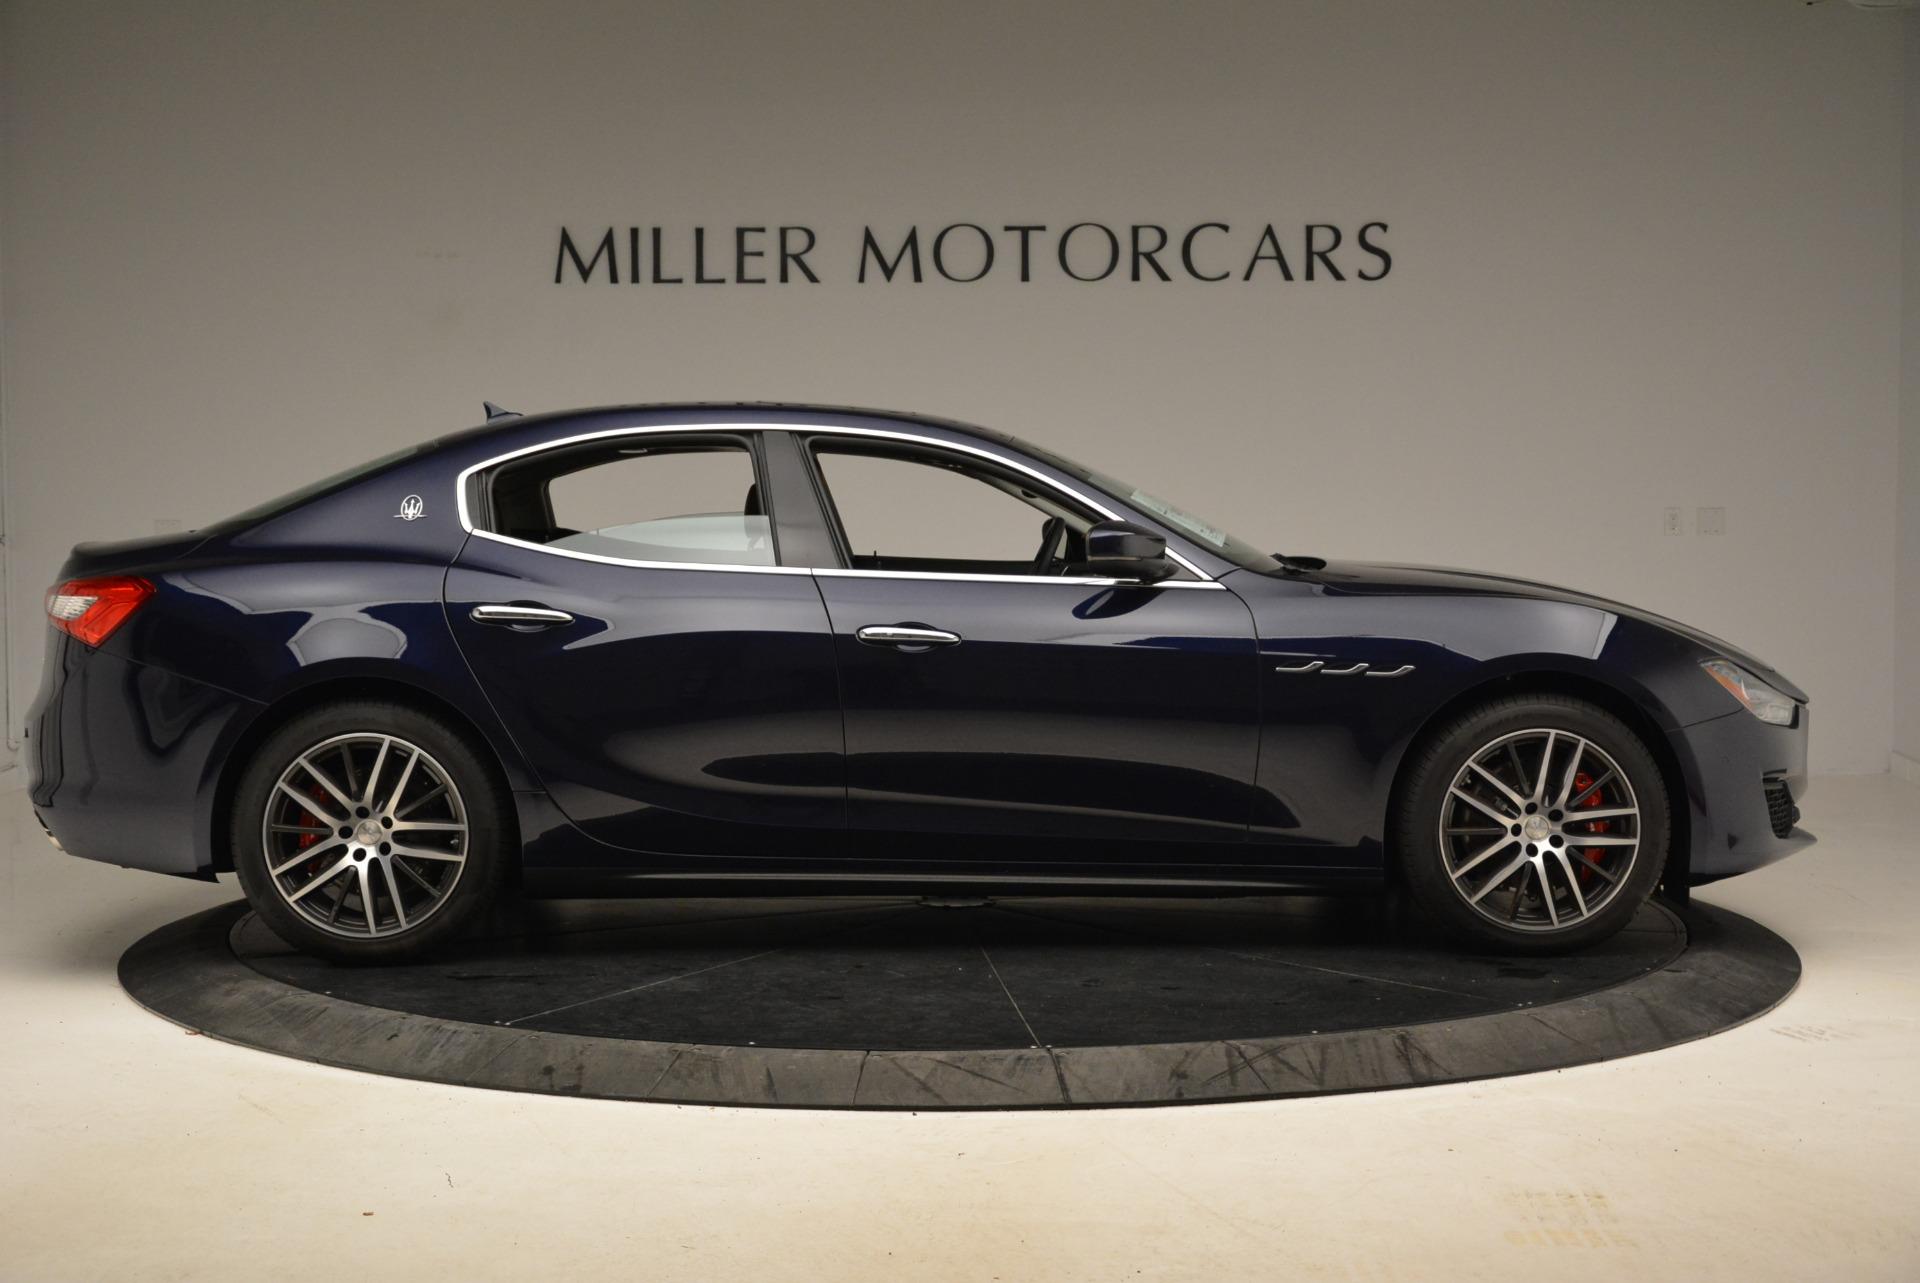 New 2019 Maserati Ghibli S Q4 For Sale In Greenwich, CT 3018_p9